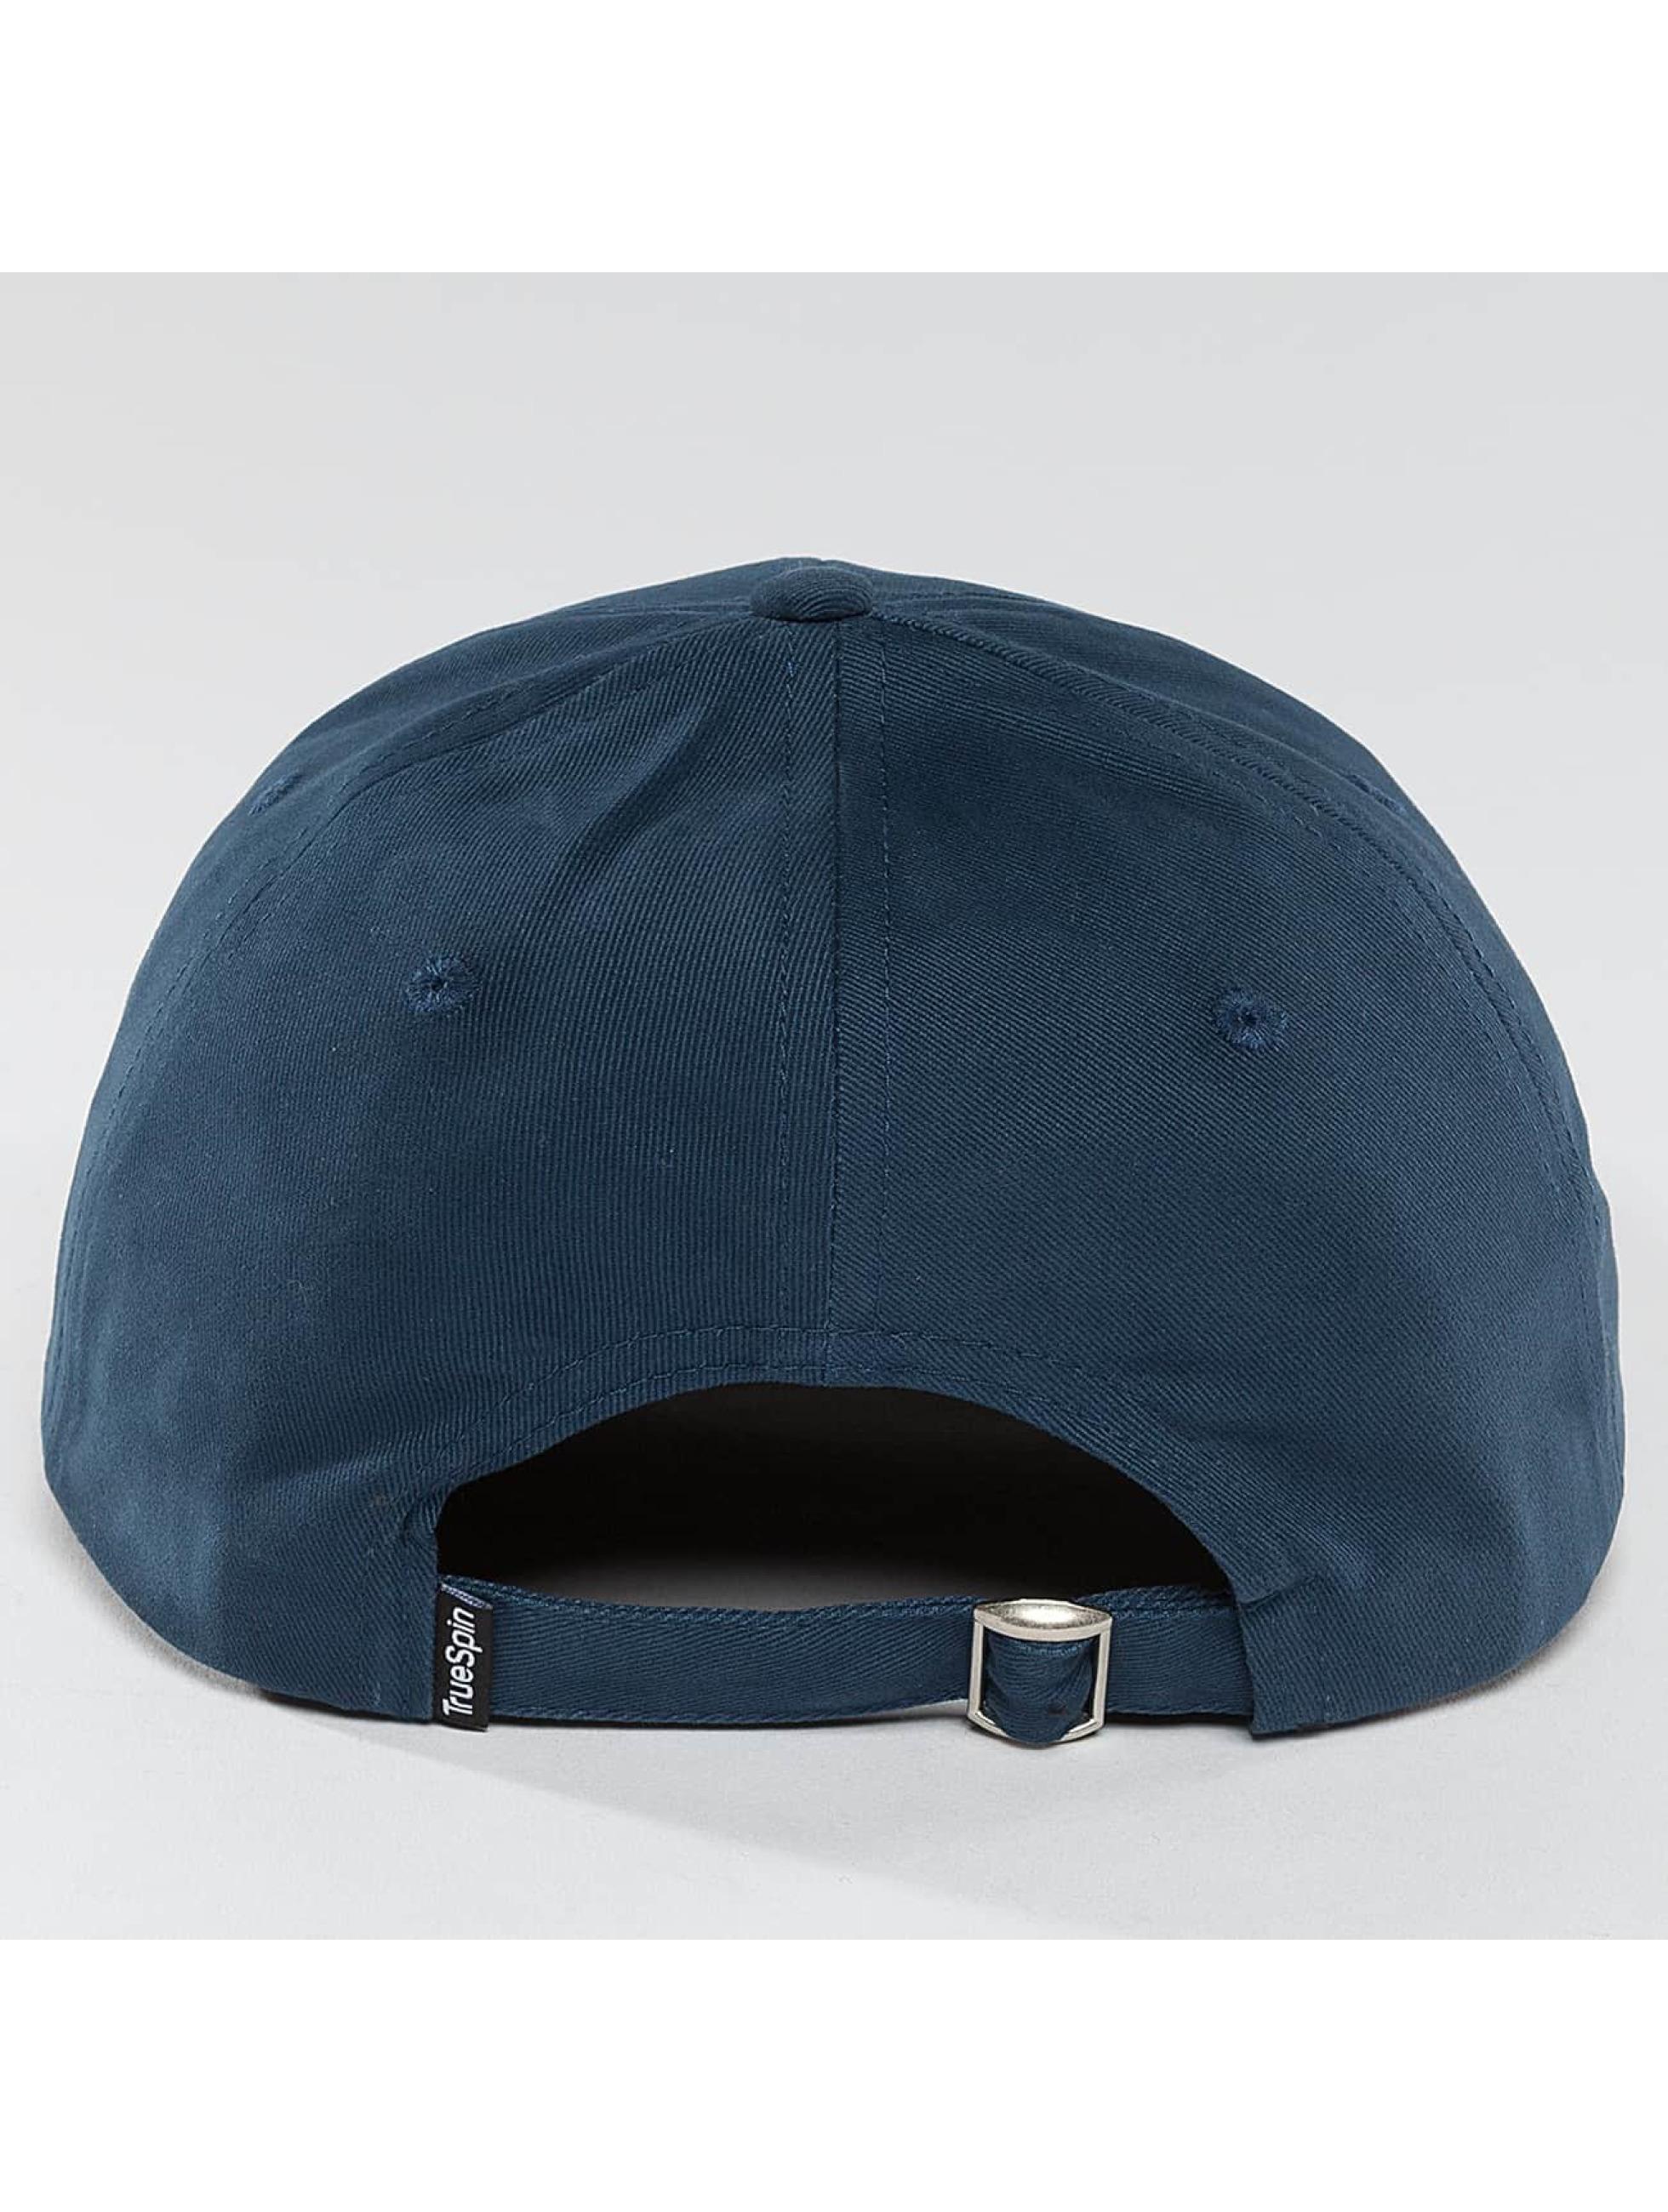 TrueSpin Casquette Snapback & Strapback Anker bleu